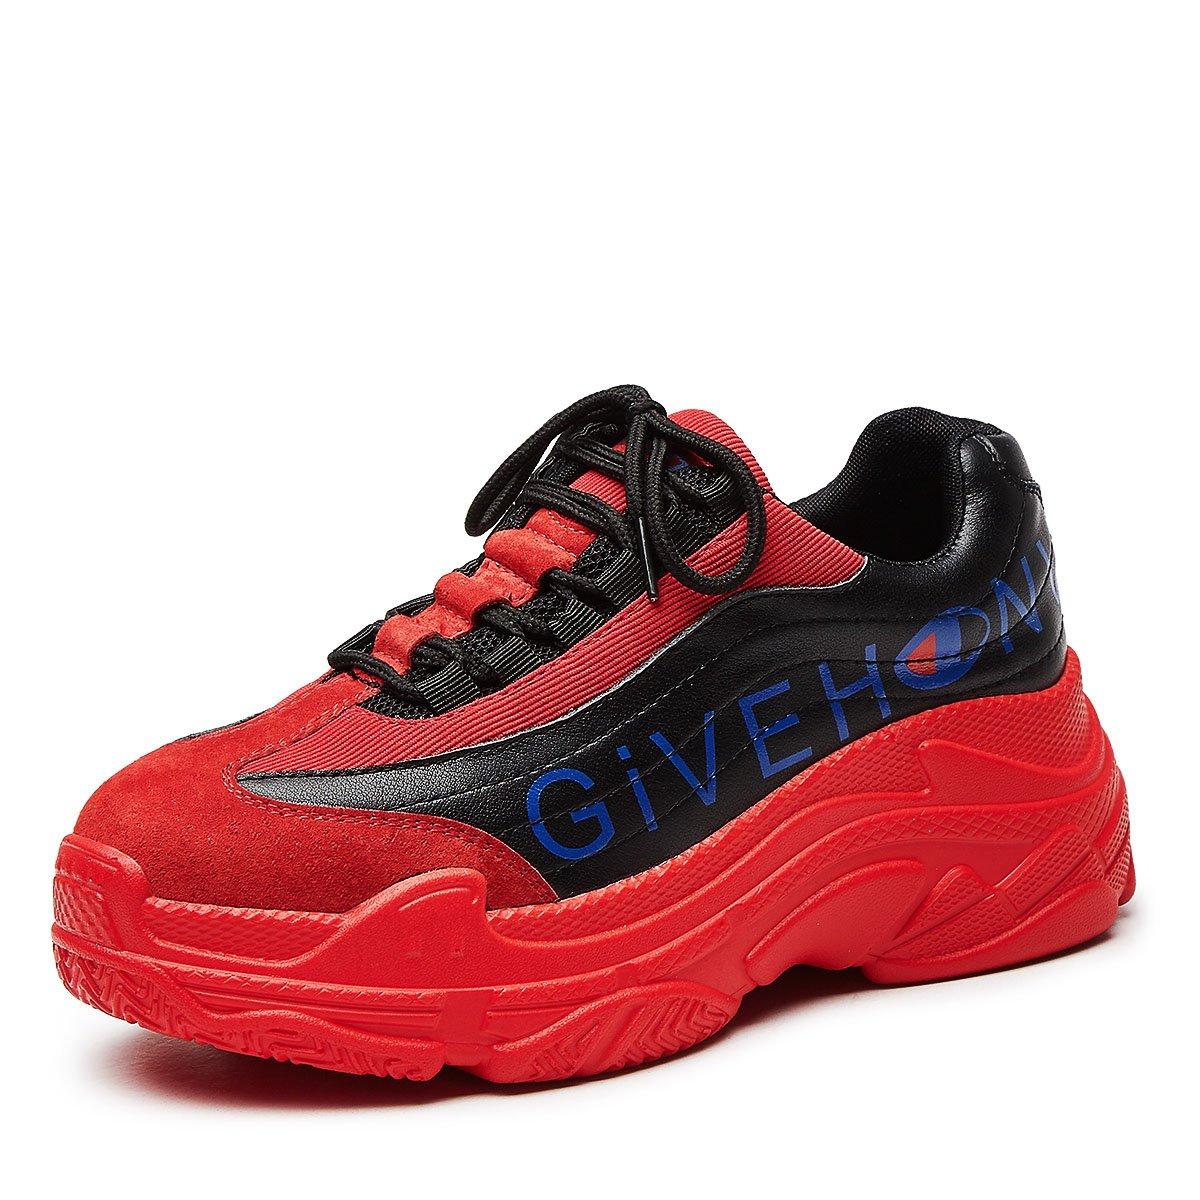 Zapatos Casuales de Las Mujeres Zapatos Casuales 2018 Zapatos de Cuero del Nuevo Estilo Plataforma de la Moda Zapatos Ocasionales (Color : Rojo, Tamaño : 38) 38|Rojo